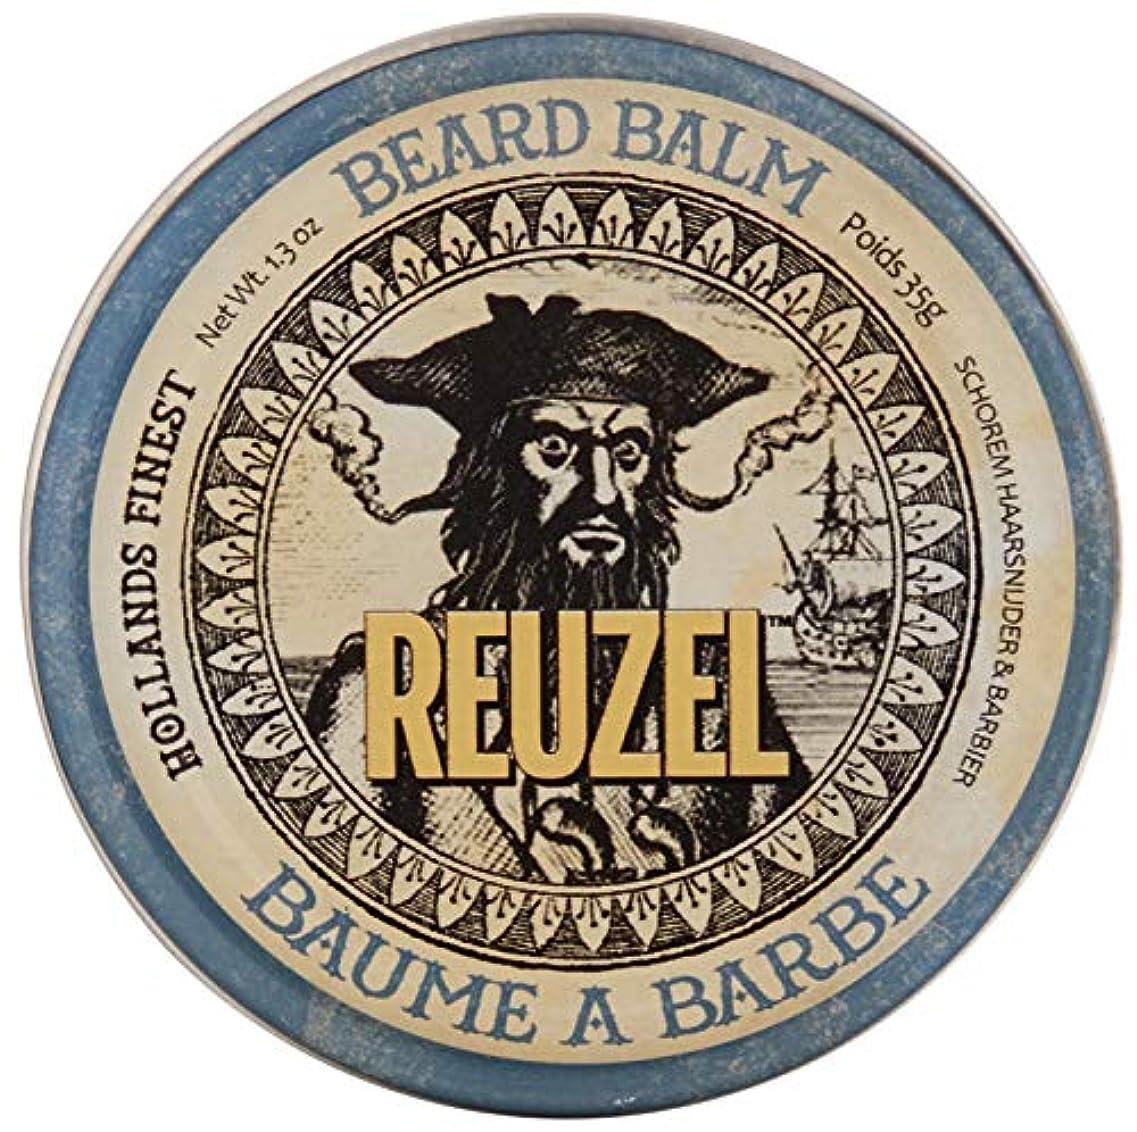 便利さ適合贅沢なreuzel BEARD BALM 1.3 oz by REUZEL